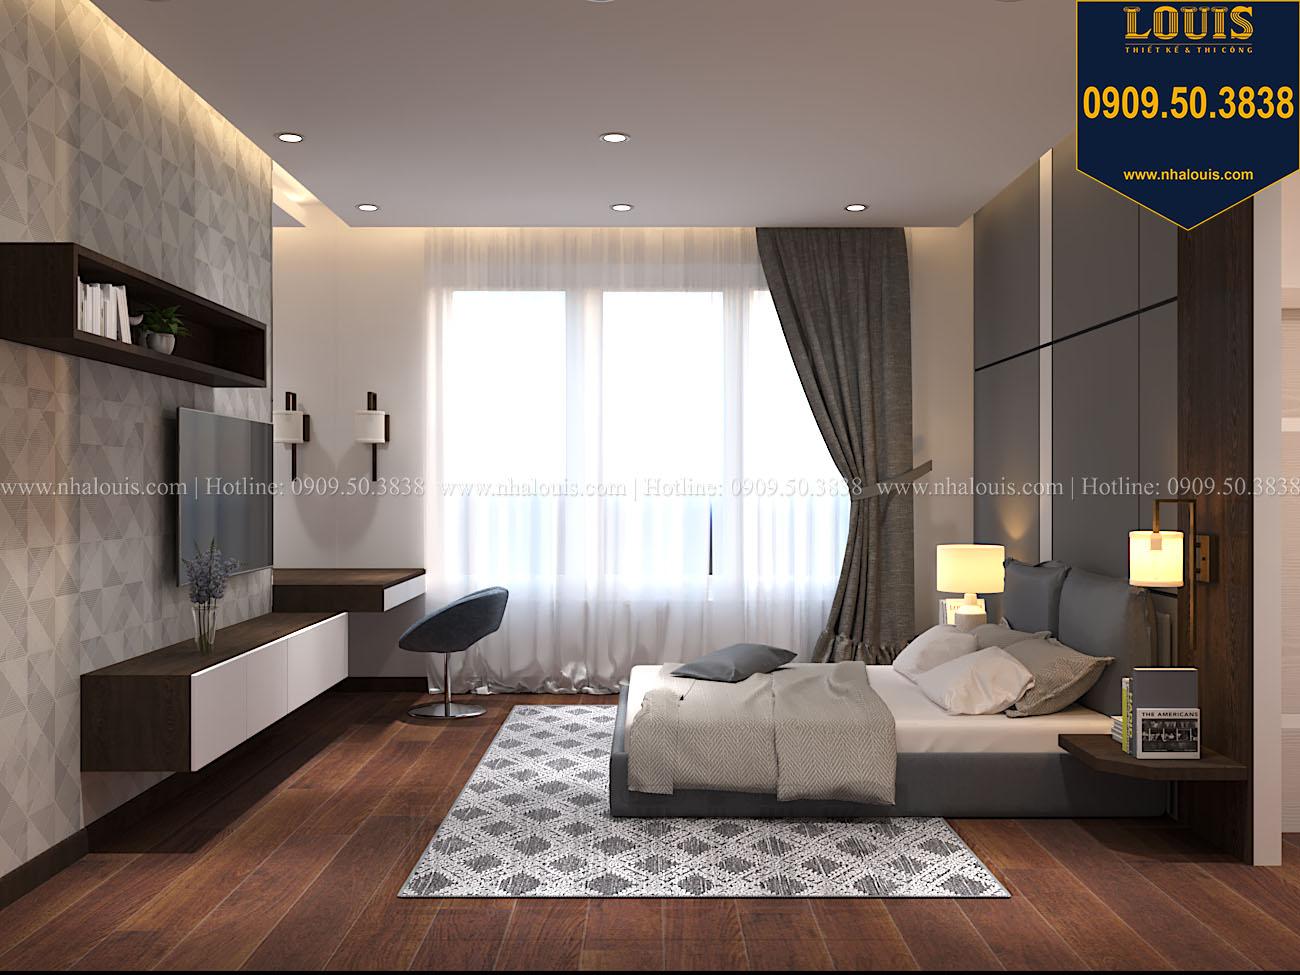 Phòng ngủ Mẫu biệt thự 3 tầng hiện đại với không gian mở ở quận 12 - 041